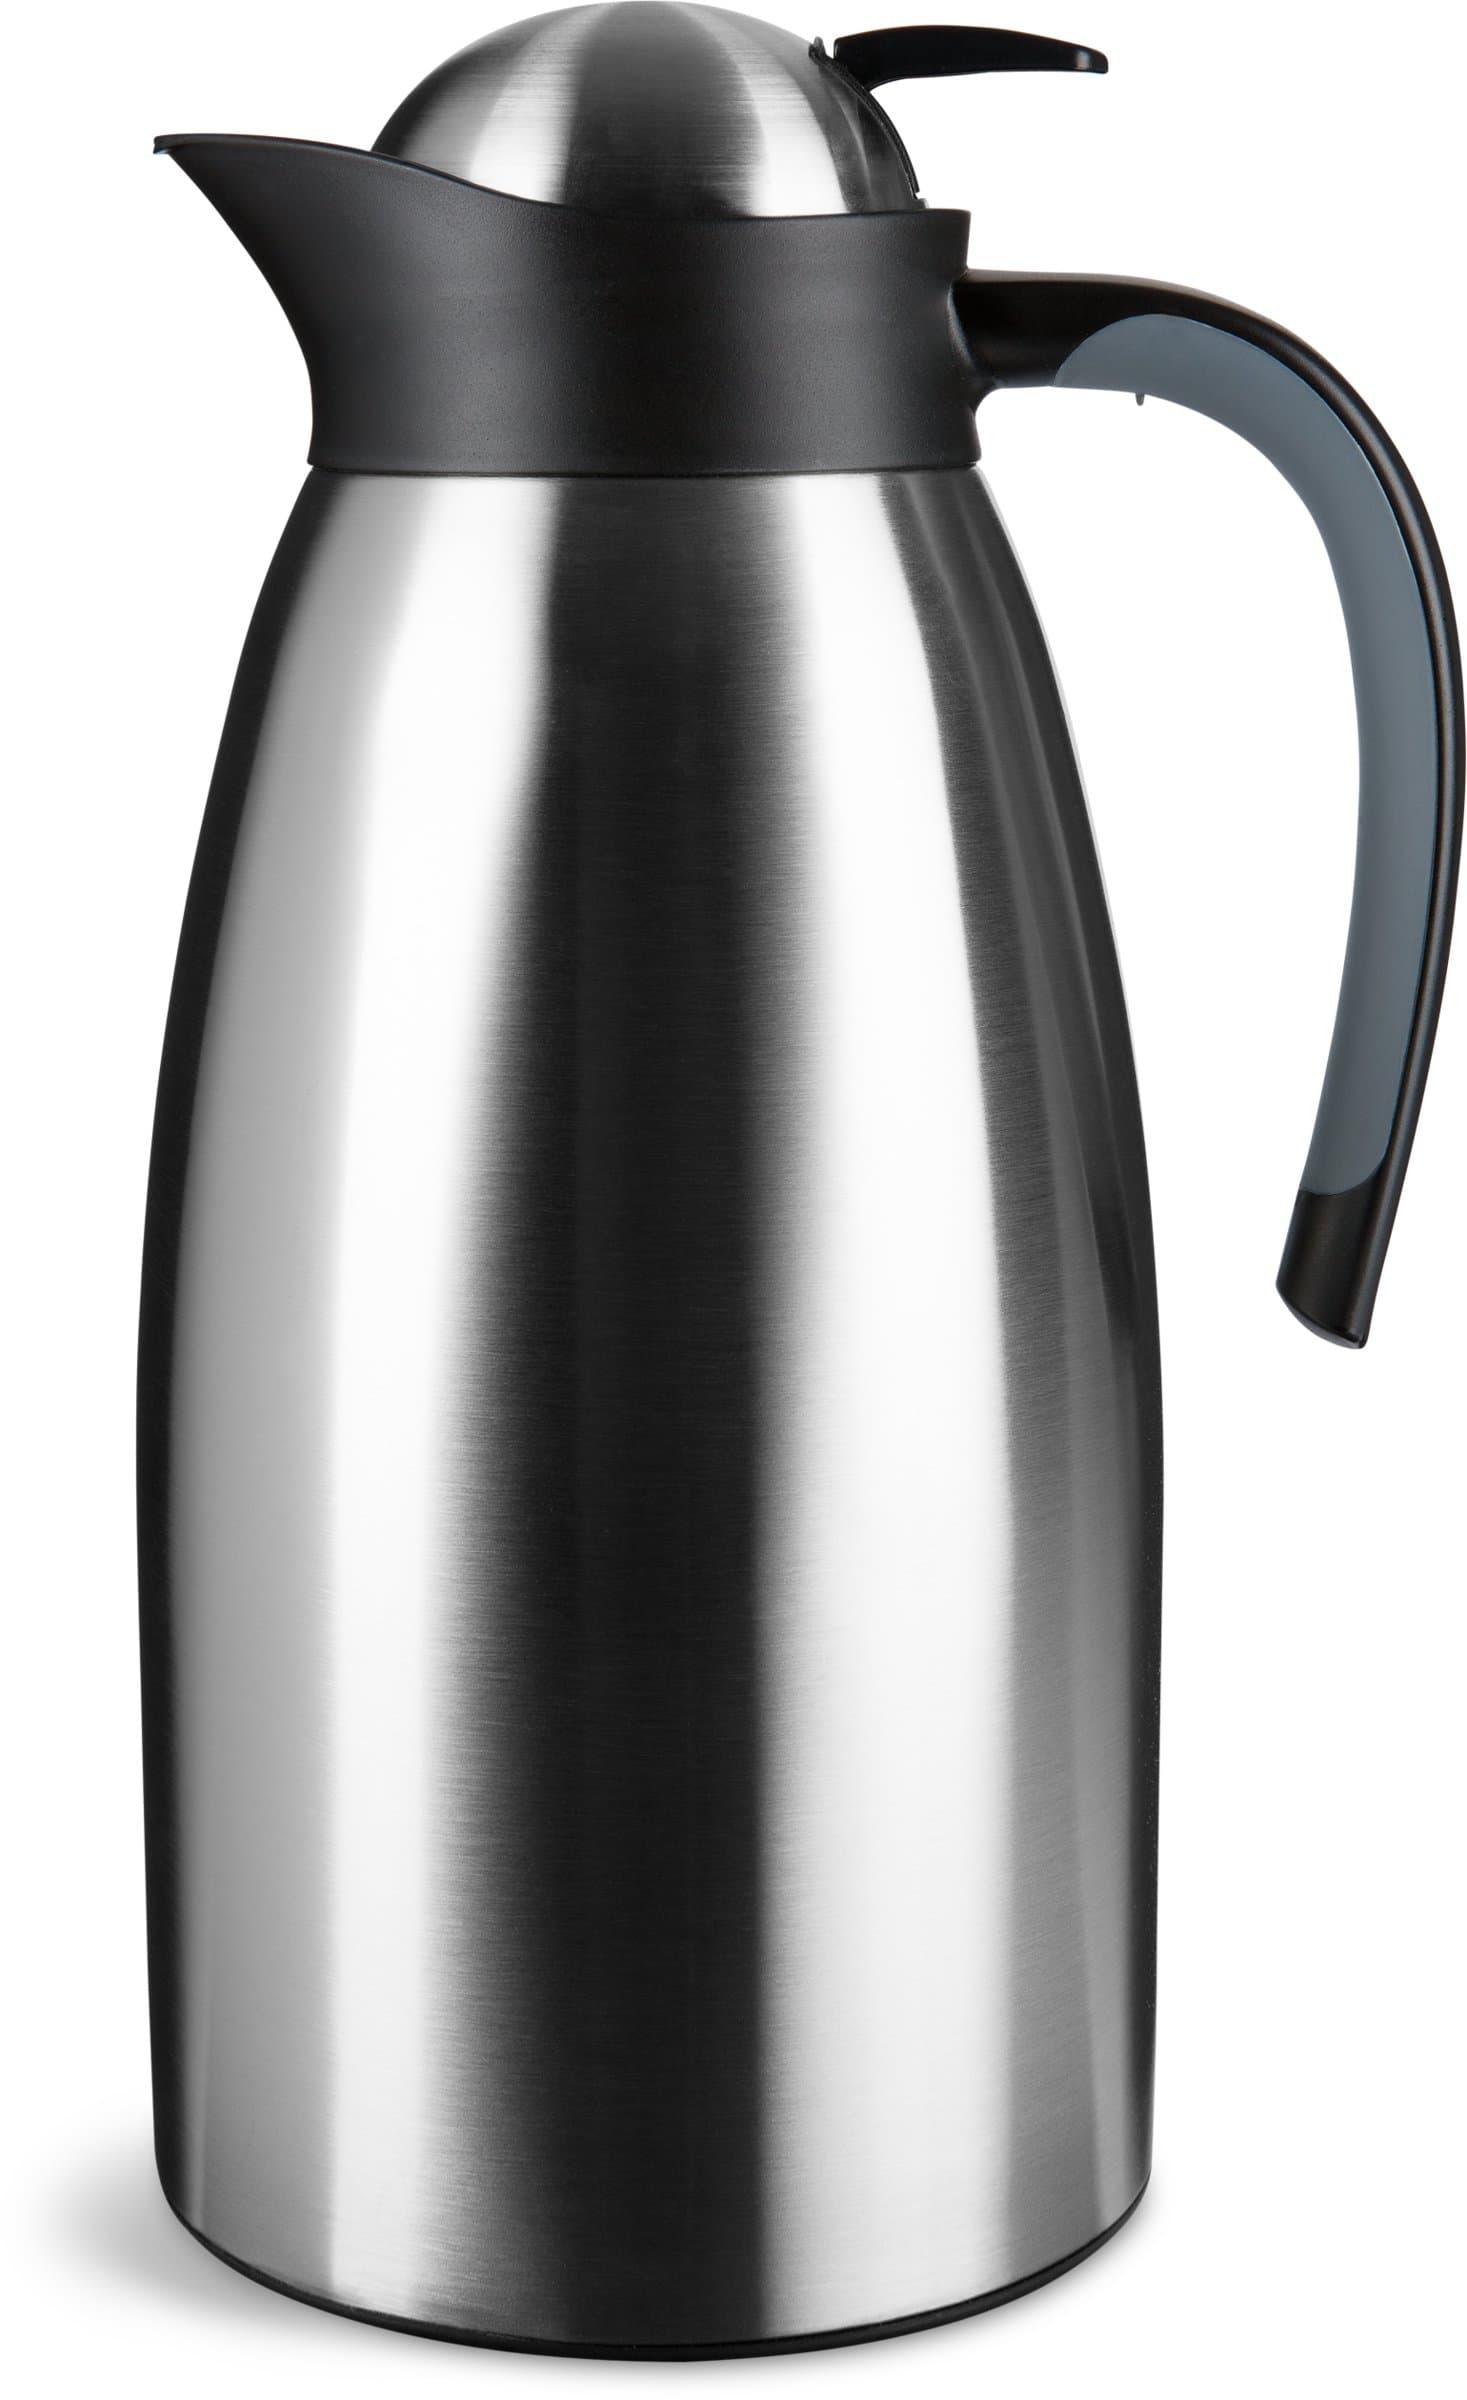 Cucina & Tavola Caraffa Isolante con filtro da té 1.9L